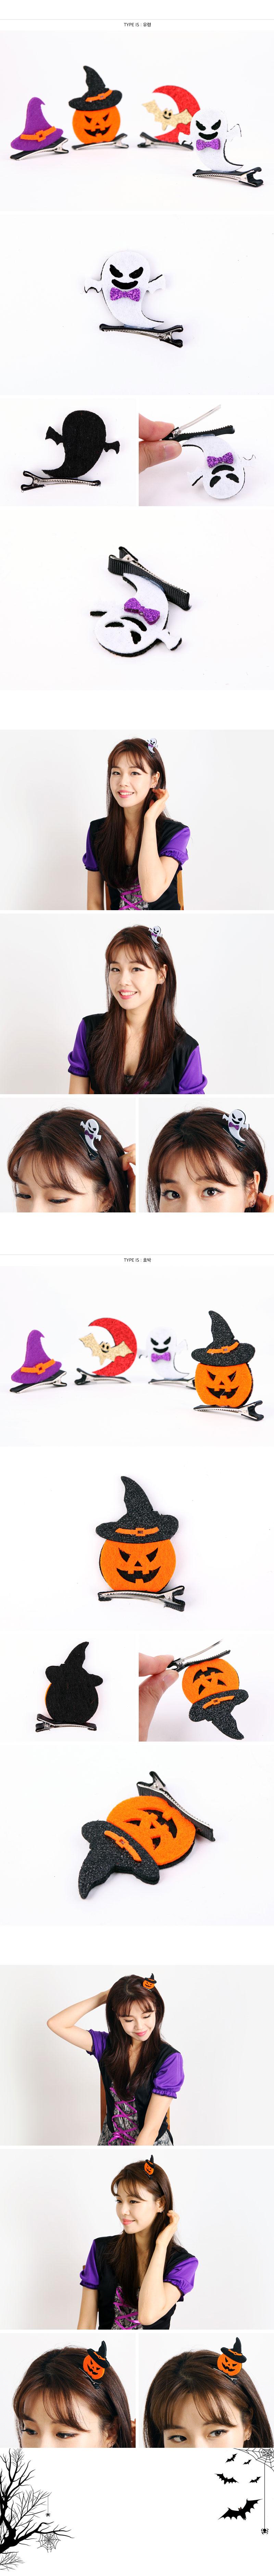 큐티 할로윈 머리핀 - 마녀모자 - 파티해, 1,500원, 파티의상/잡화, 머리띠/머리장식/가발